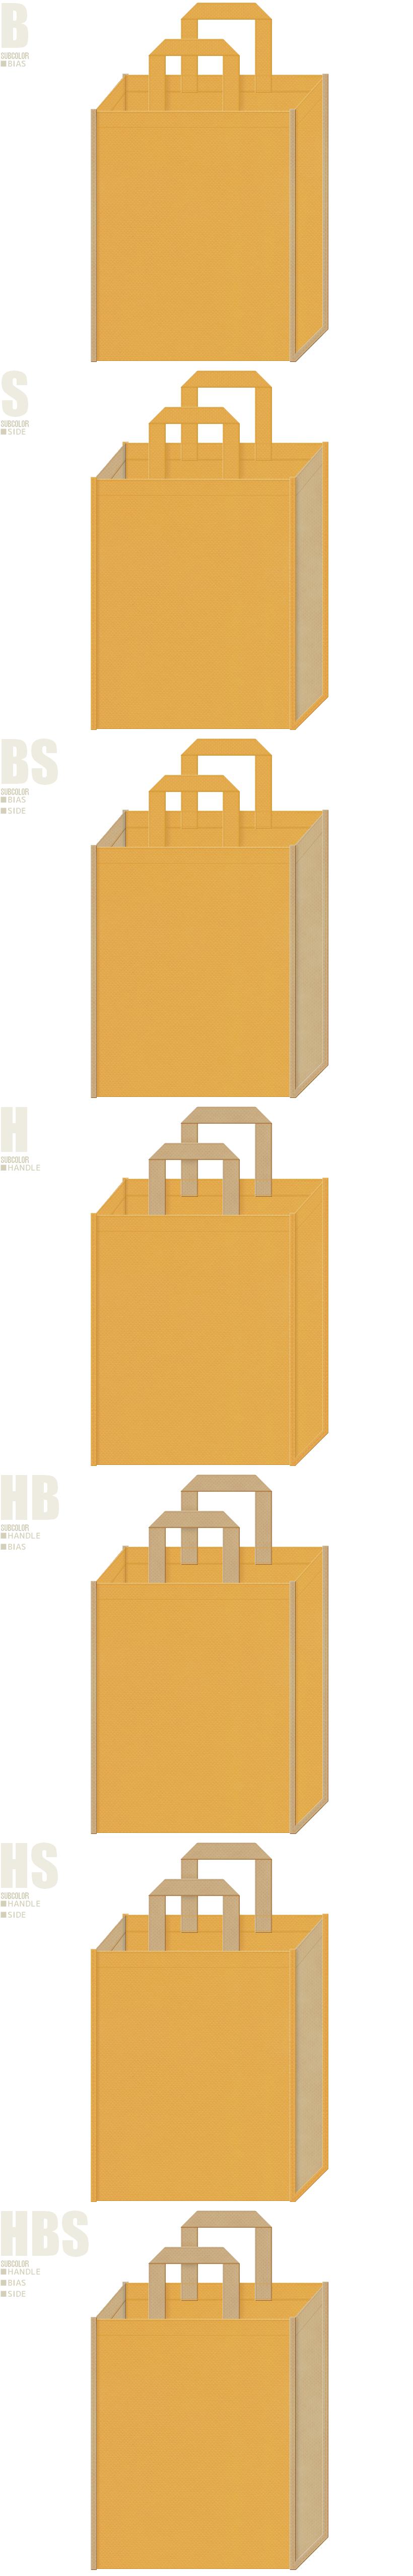 黄土色とカーキ色、7パターンの不織布トートバッグ配色デザイン例。